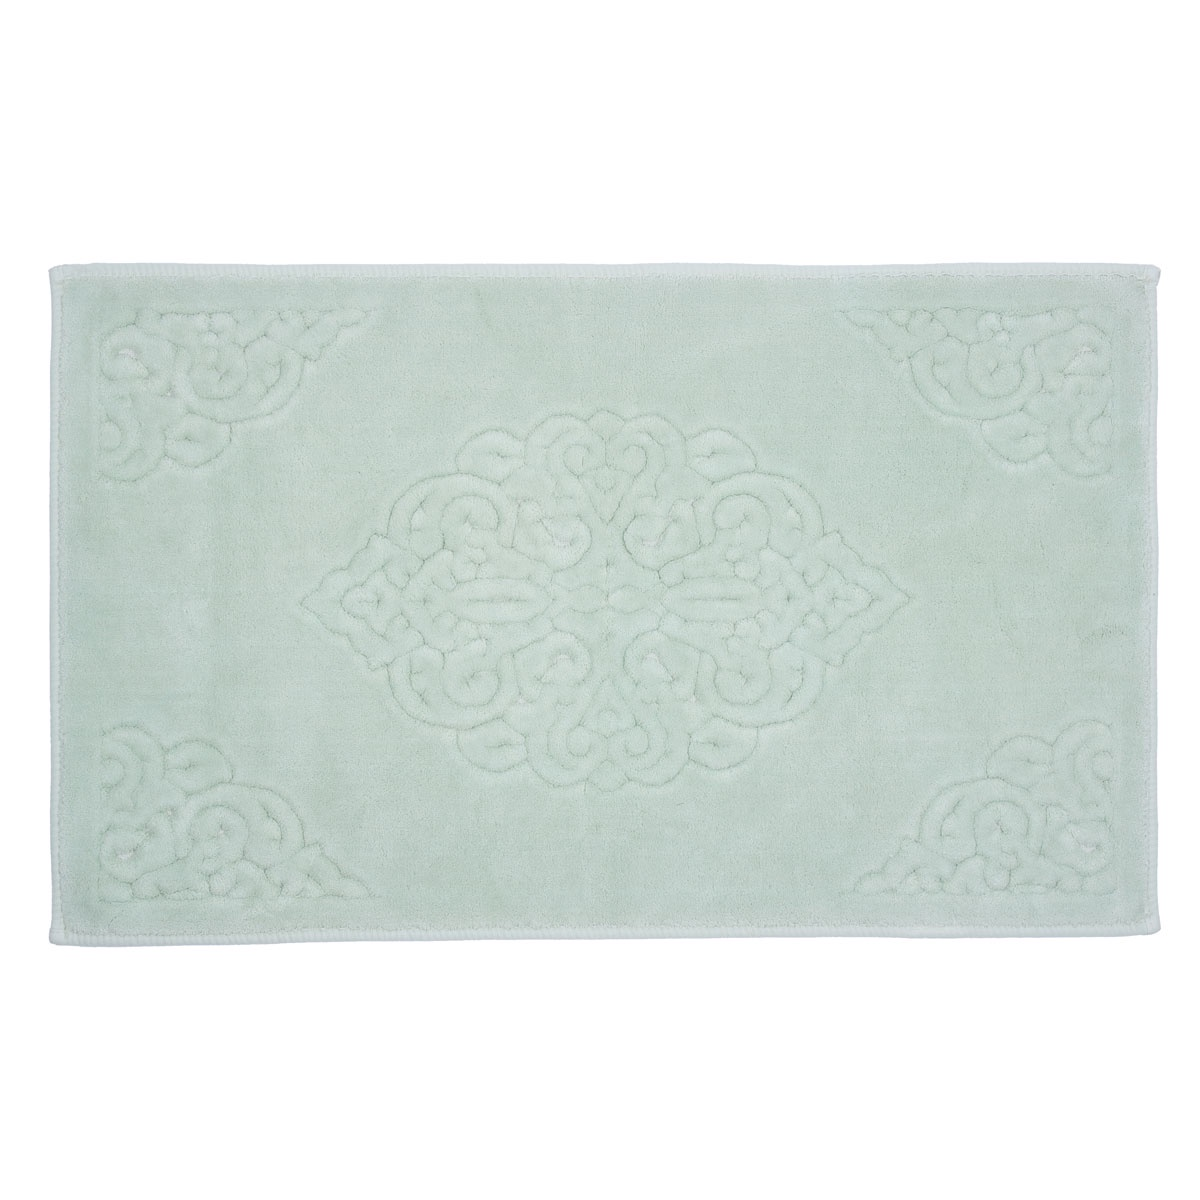 Коврик для ванной Arya home collection Ala, зеленый коврик arya 60х100 2 пр assos бирюзовый 1126860